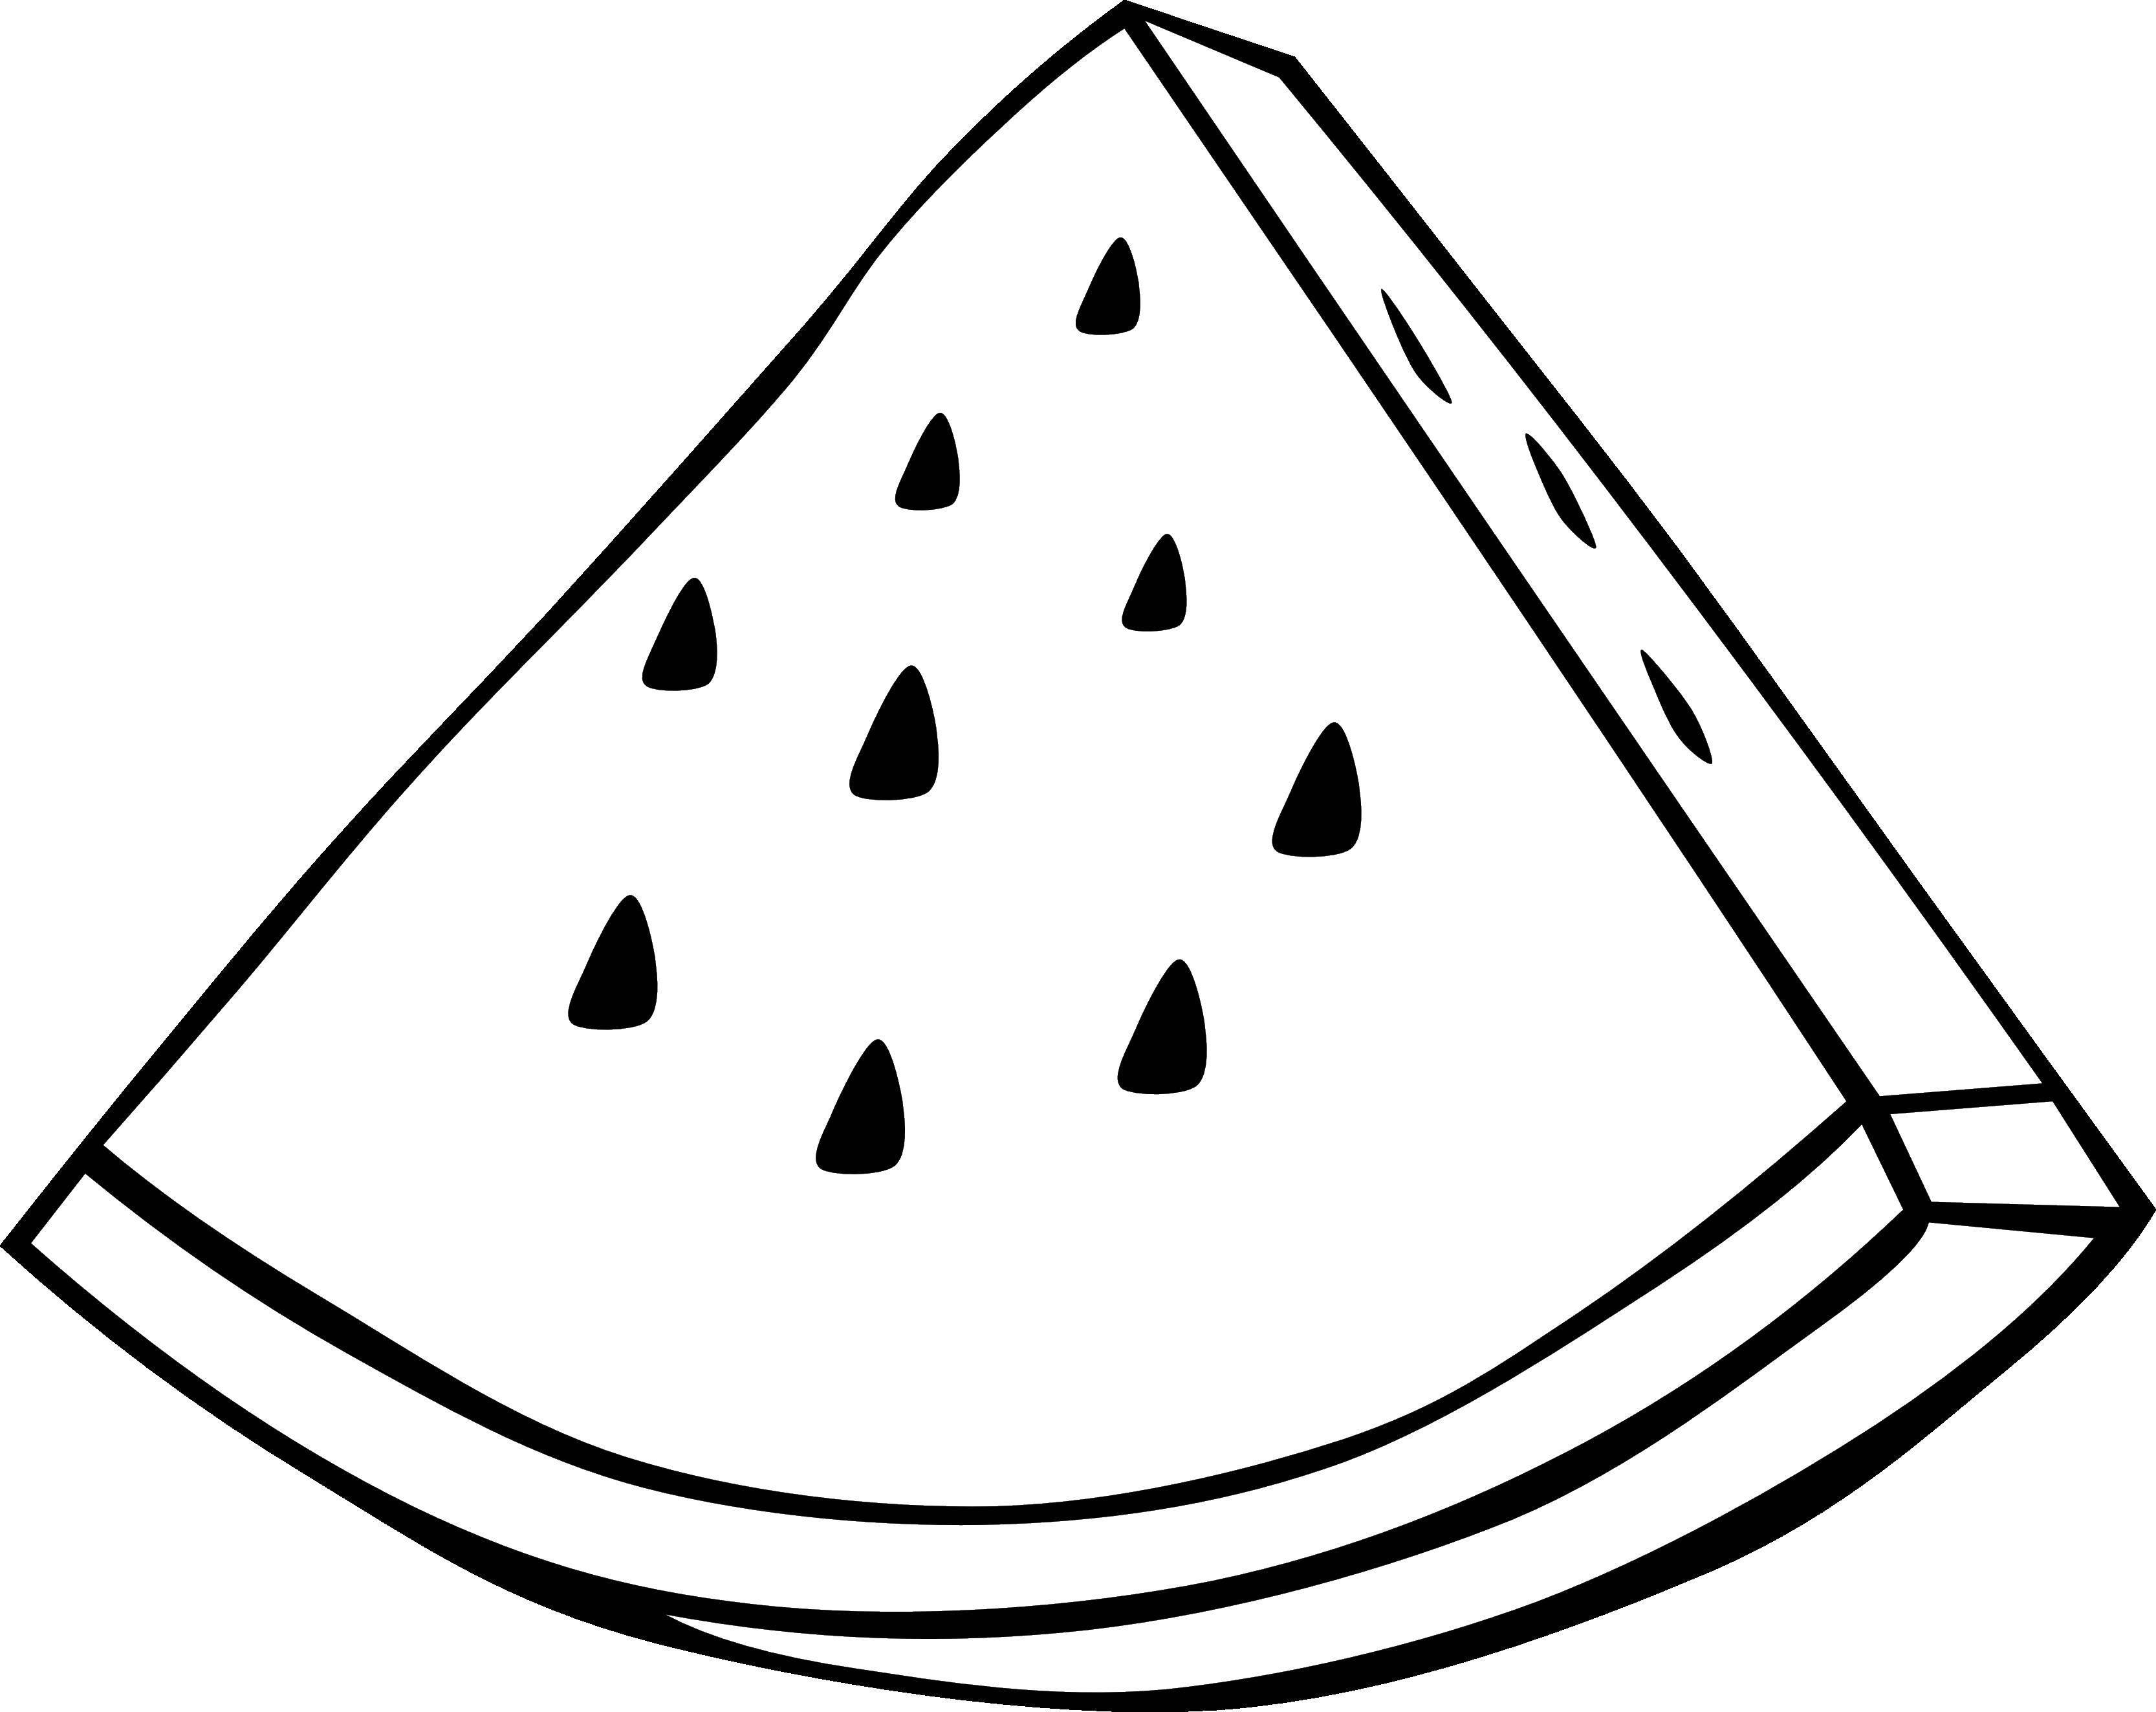 Раскраска Контуры для вырезания овощей Скачать Драконы.  Распечатать ,Драконы,